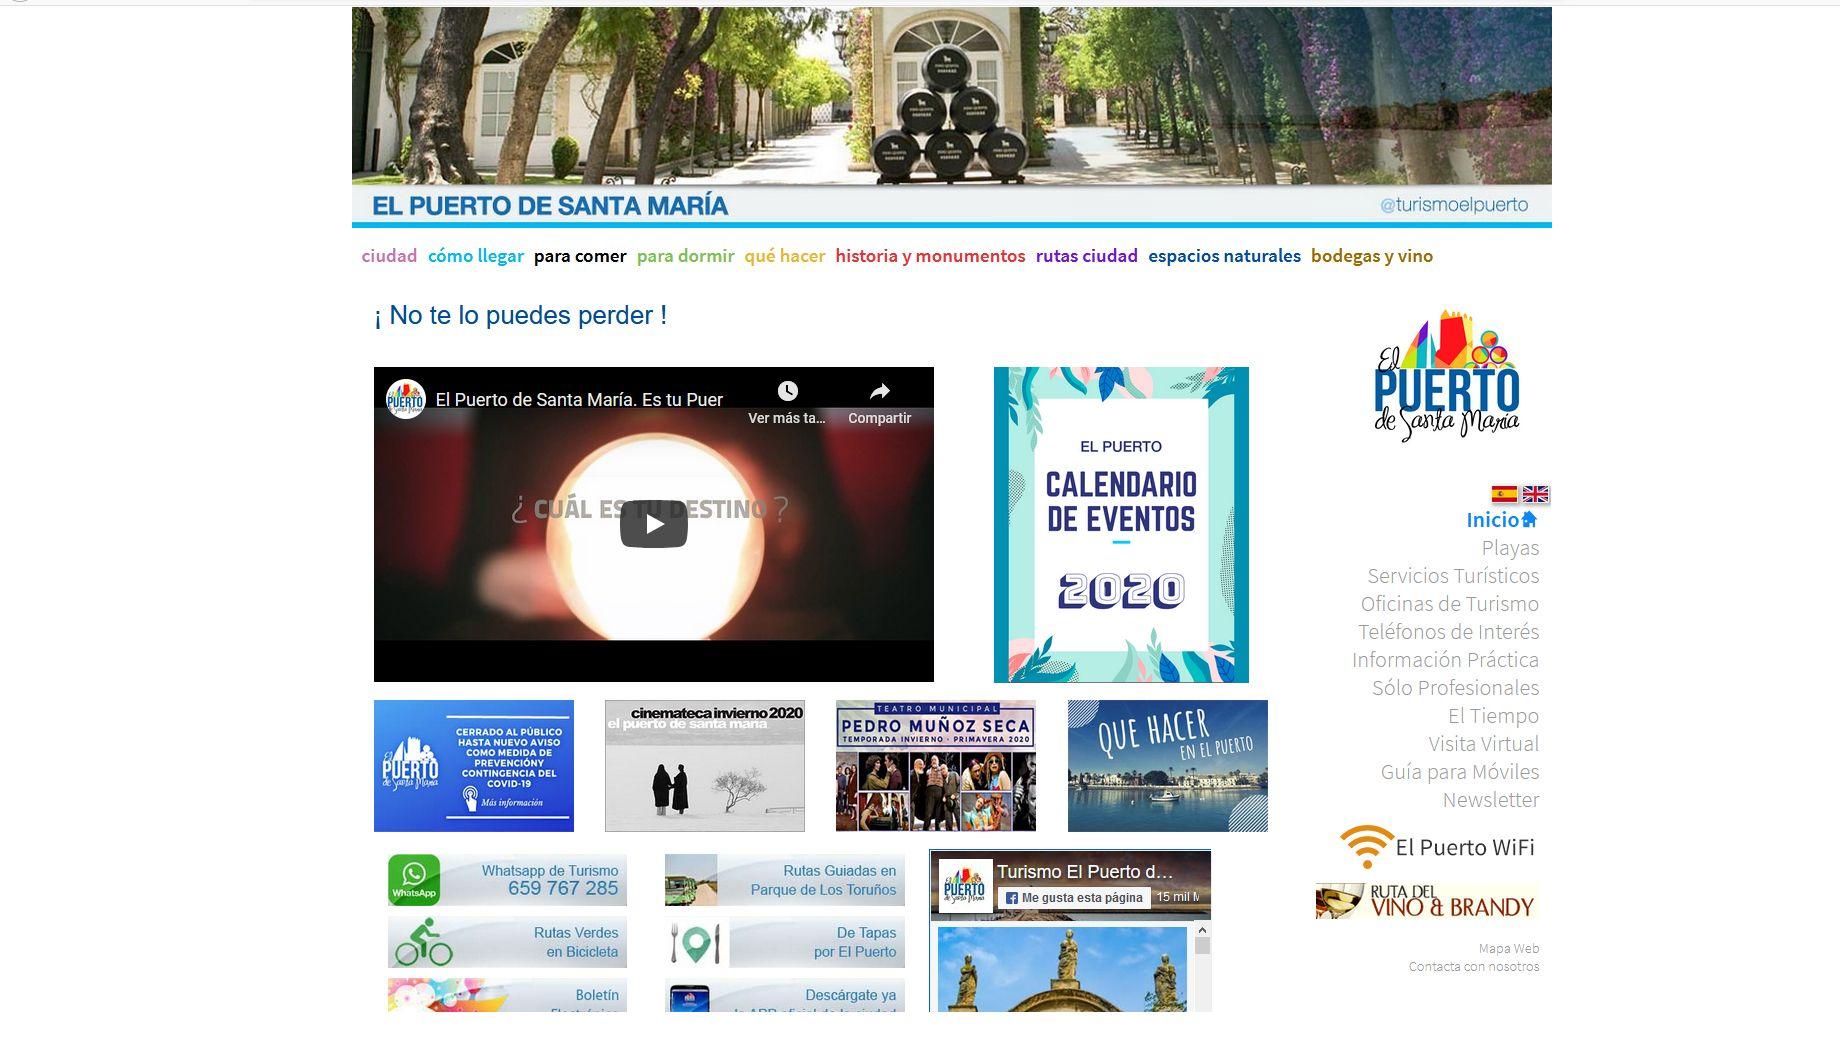 pagina oficial de turismo de El Puerto de Santa María